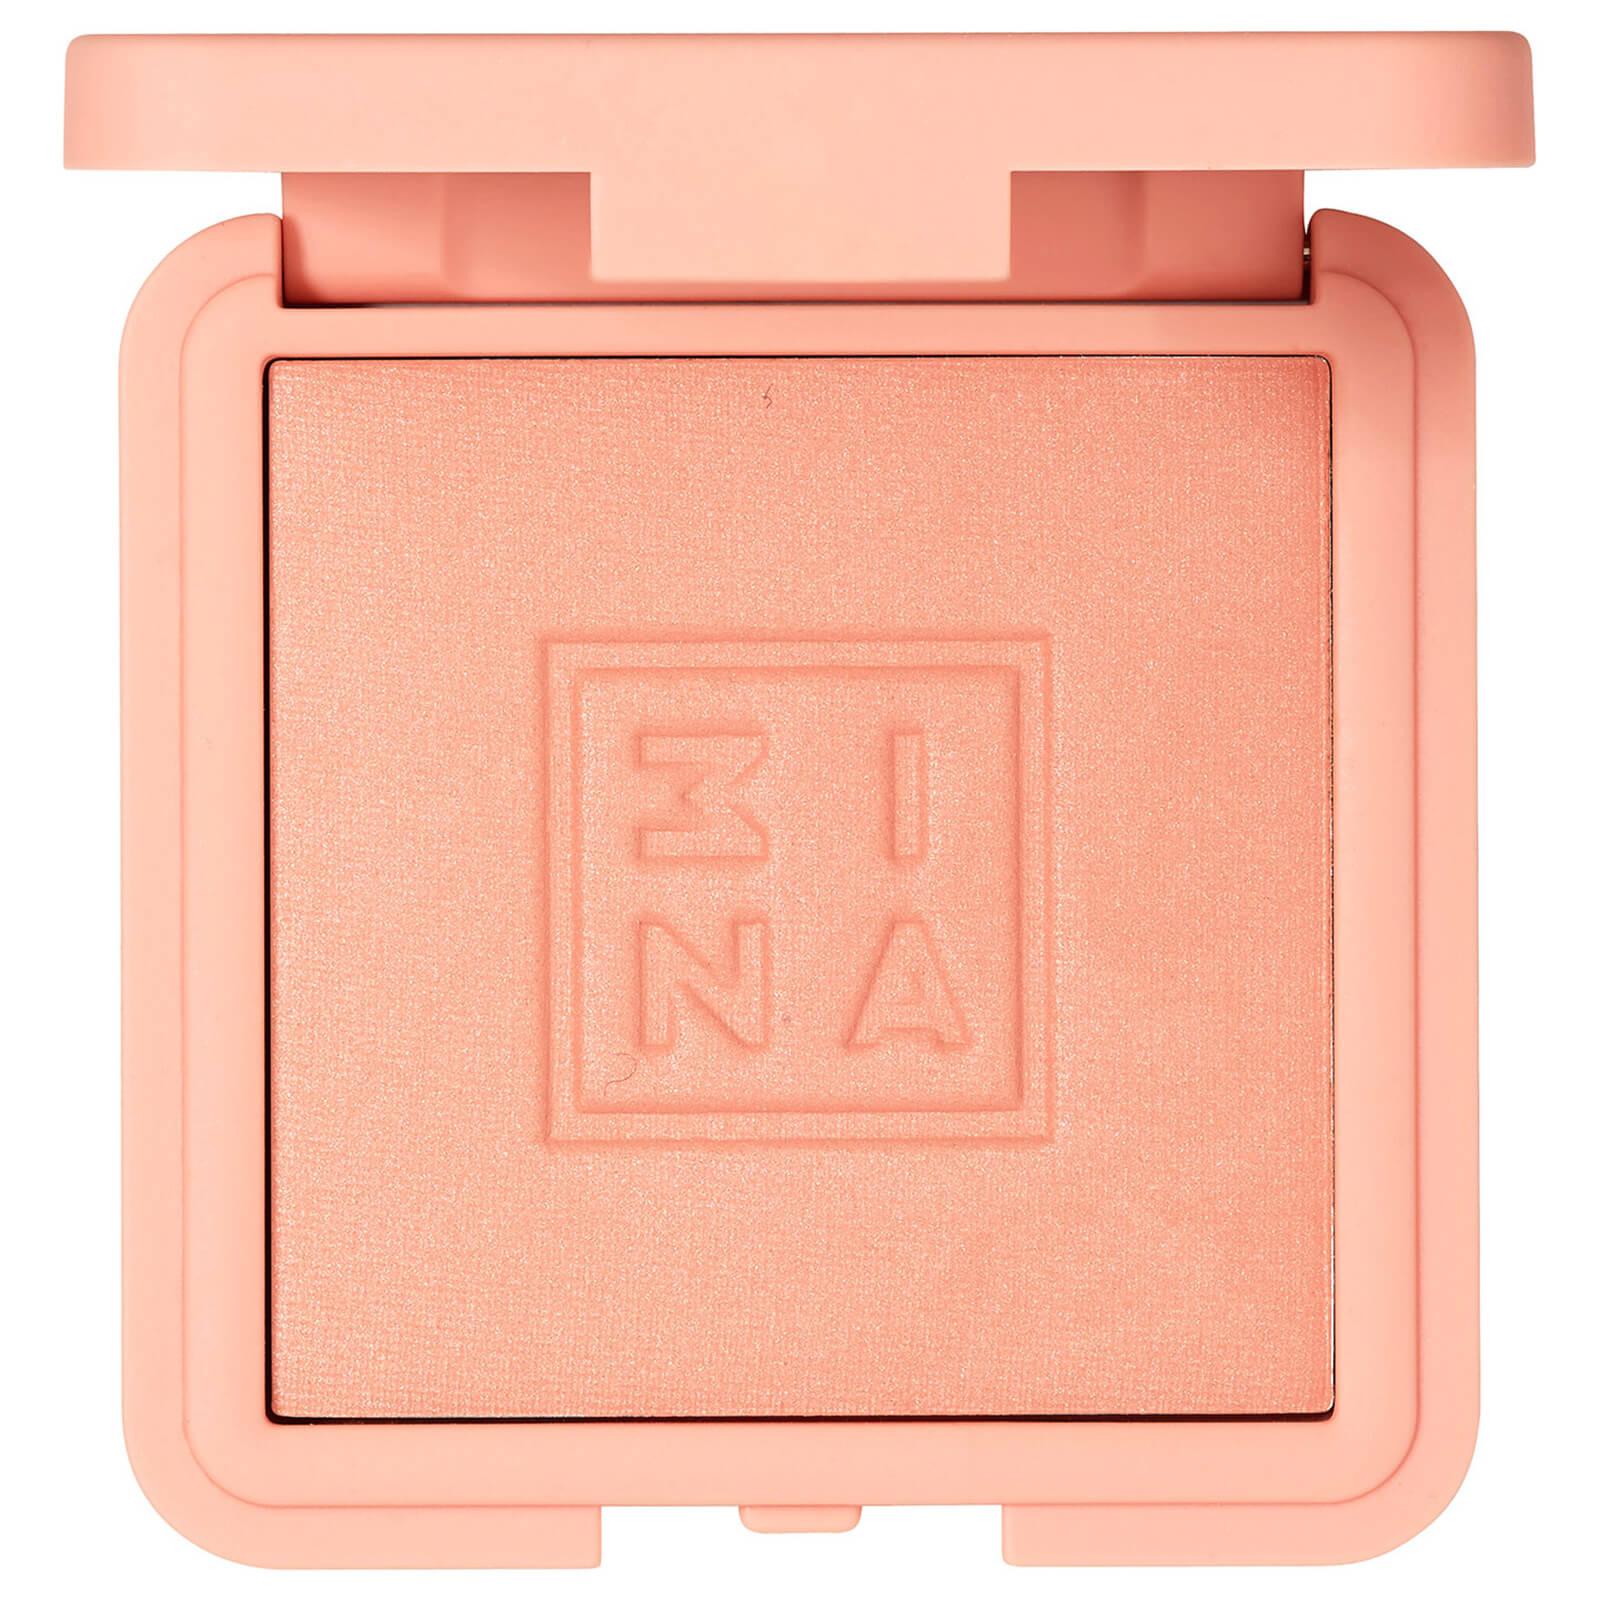 3INA Makeup The Blush 7.5g (Various Shades) - 310